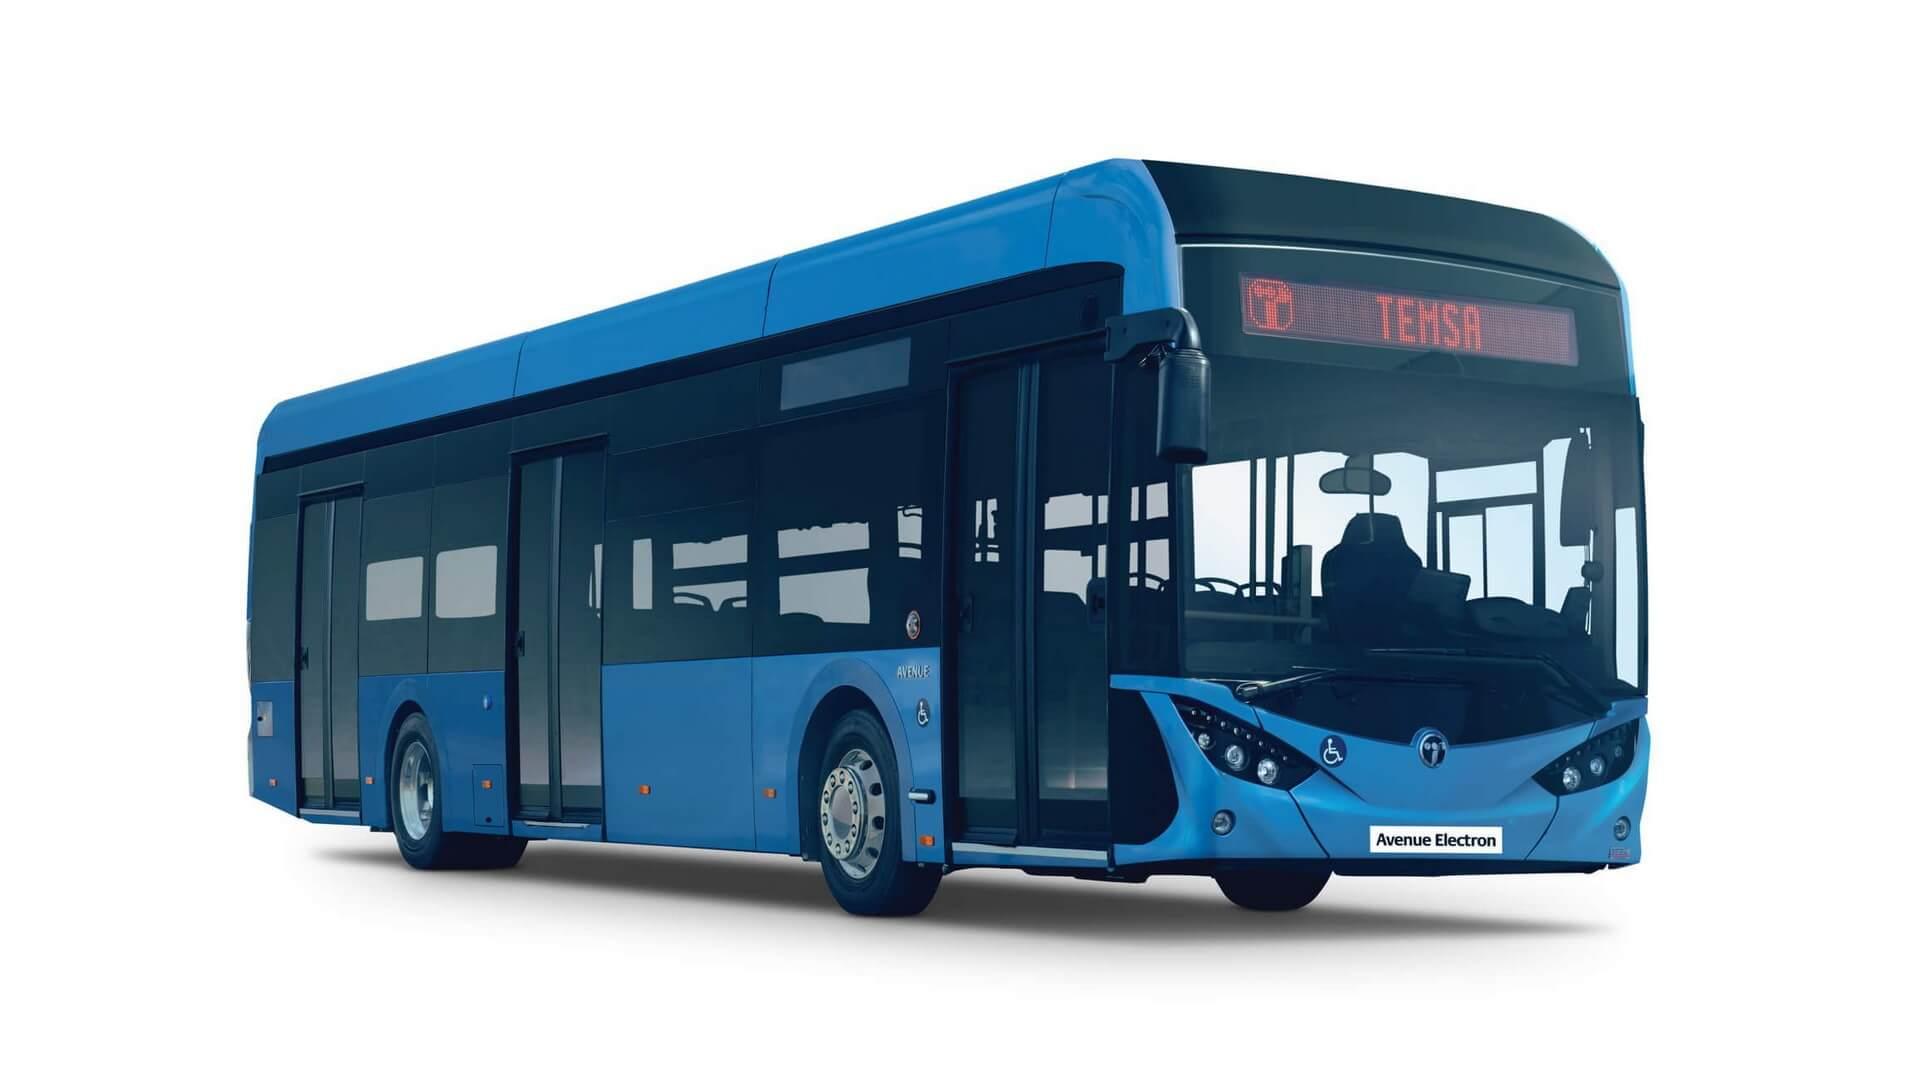 12-метровый электрический автобус Avenue Electron